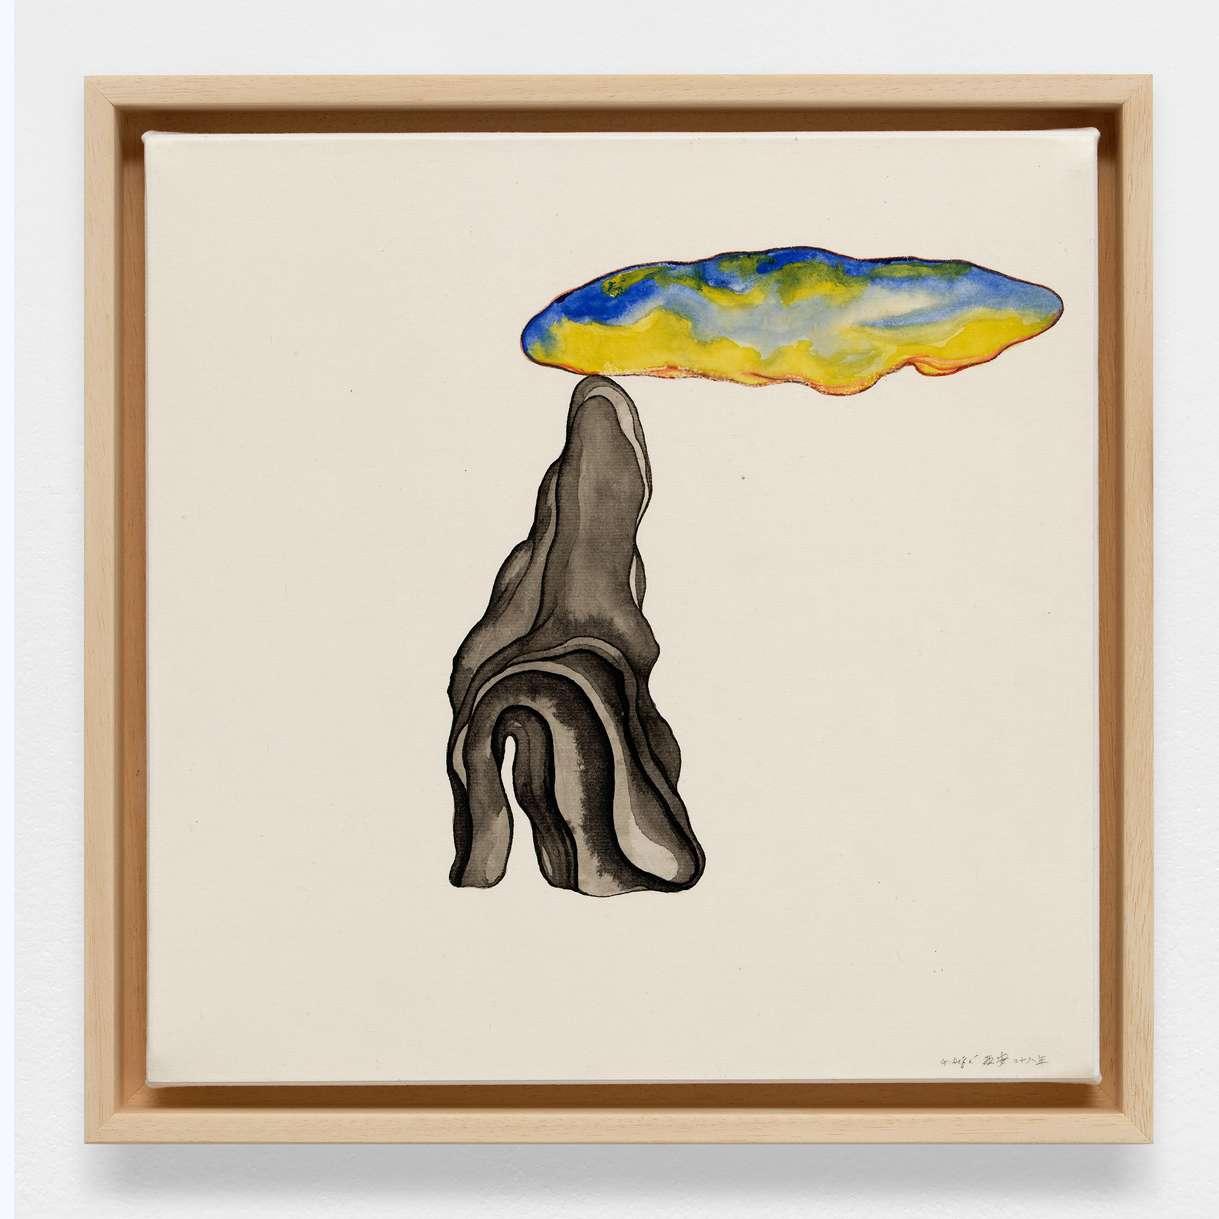 Guillaume Dégé, Un grain de moutarde, 2018 Gouache sur papier chinois contrecollé sur toile32.5 × 31 cm / 12 6/8 × 12 2/8 in.